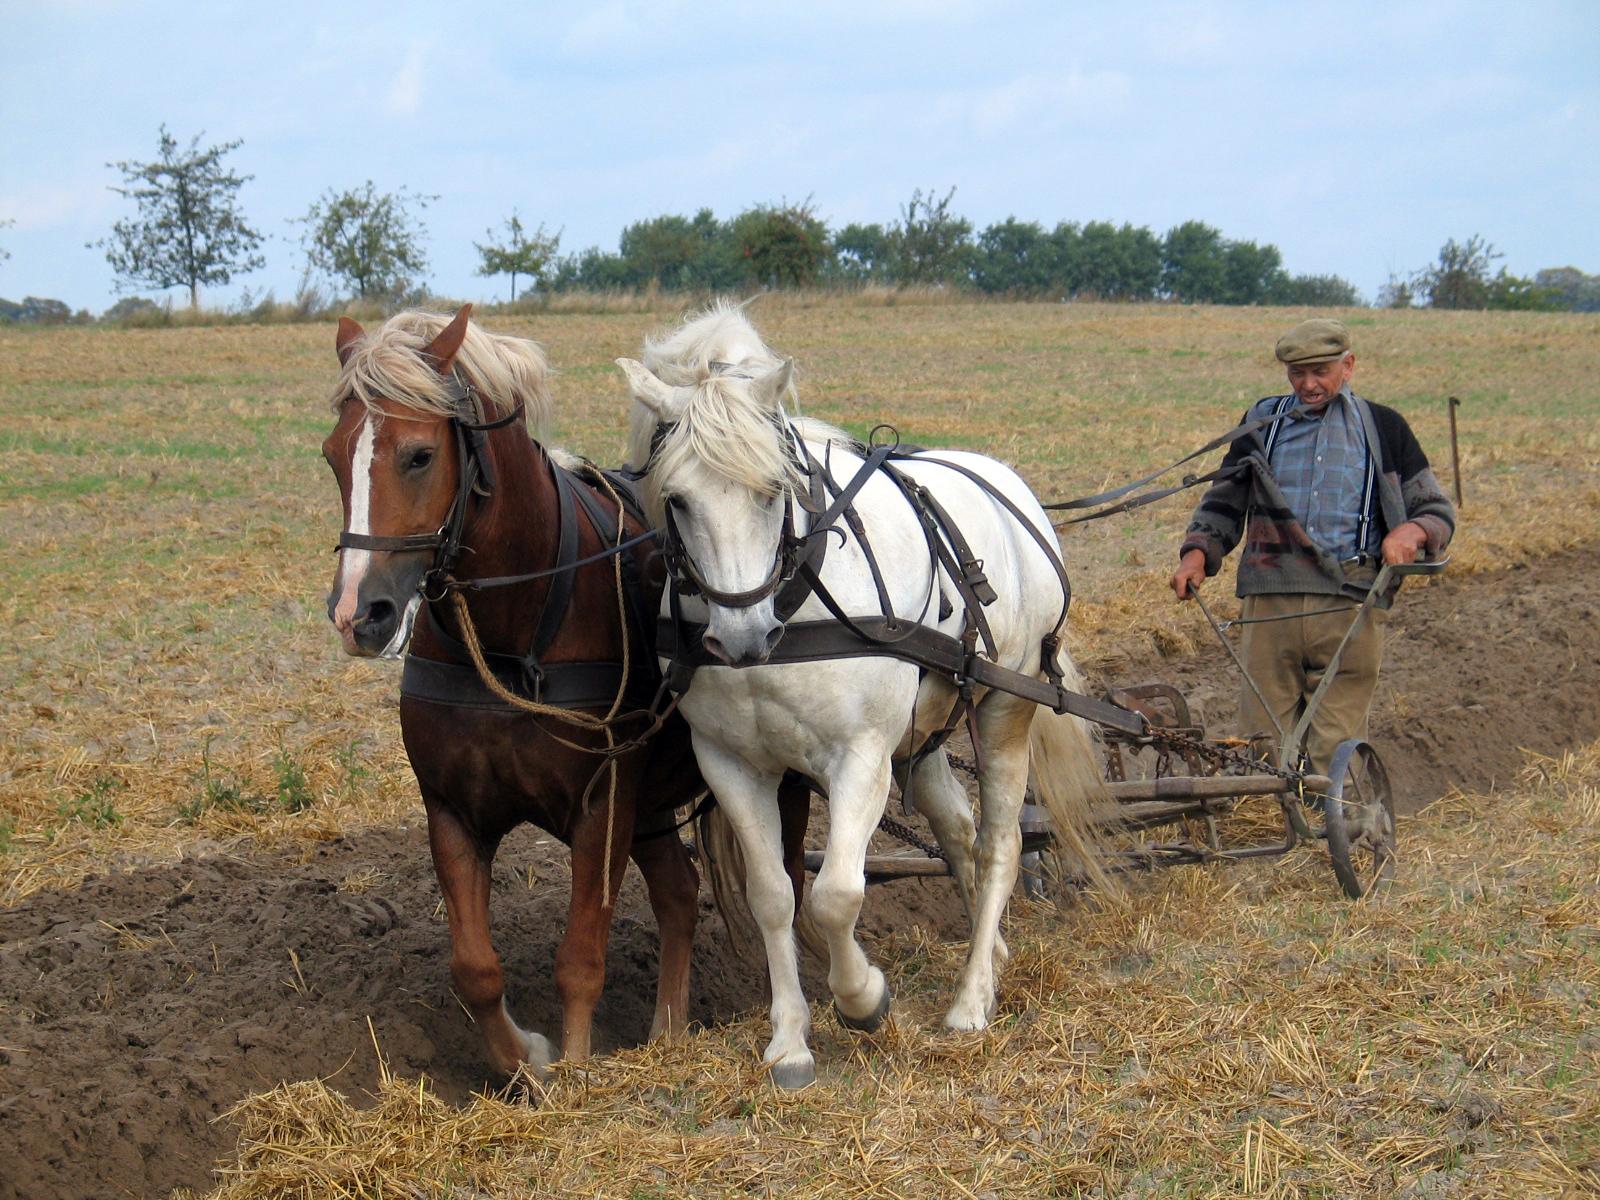 صور تعريف مهنة المزارع ، اهمية الزراعة